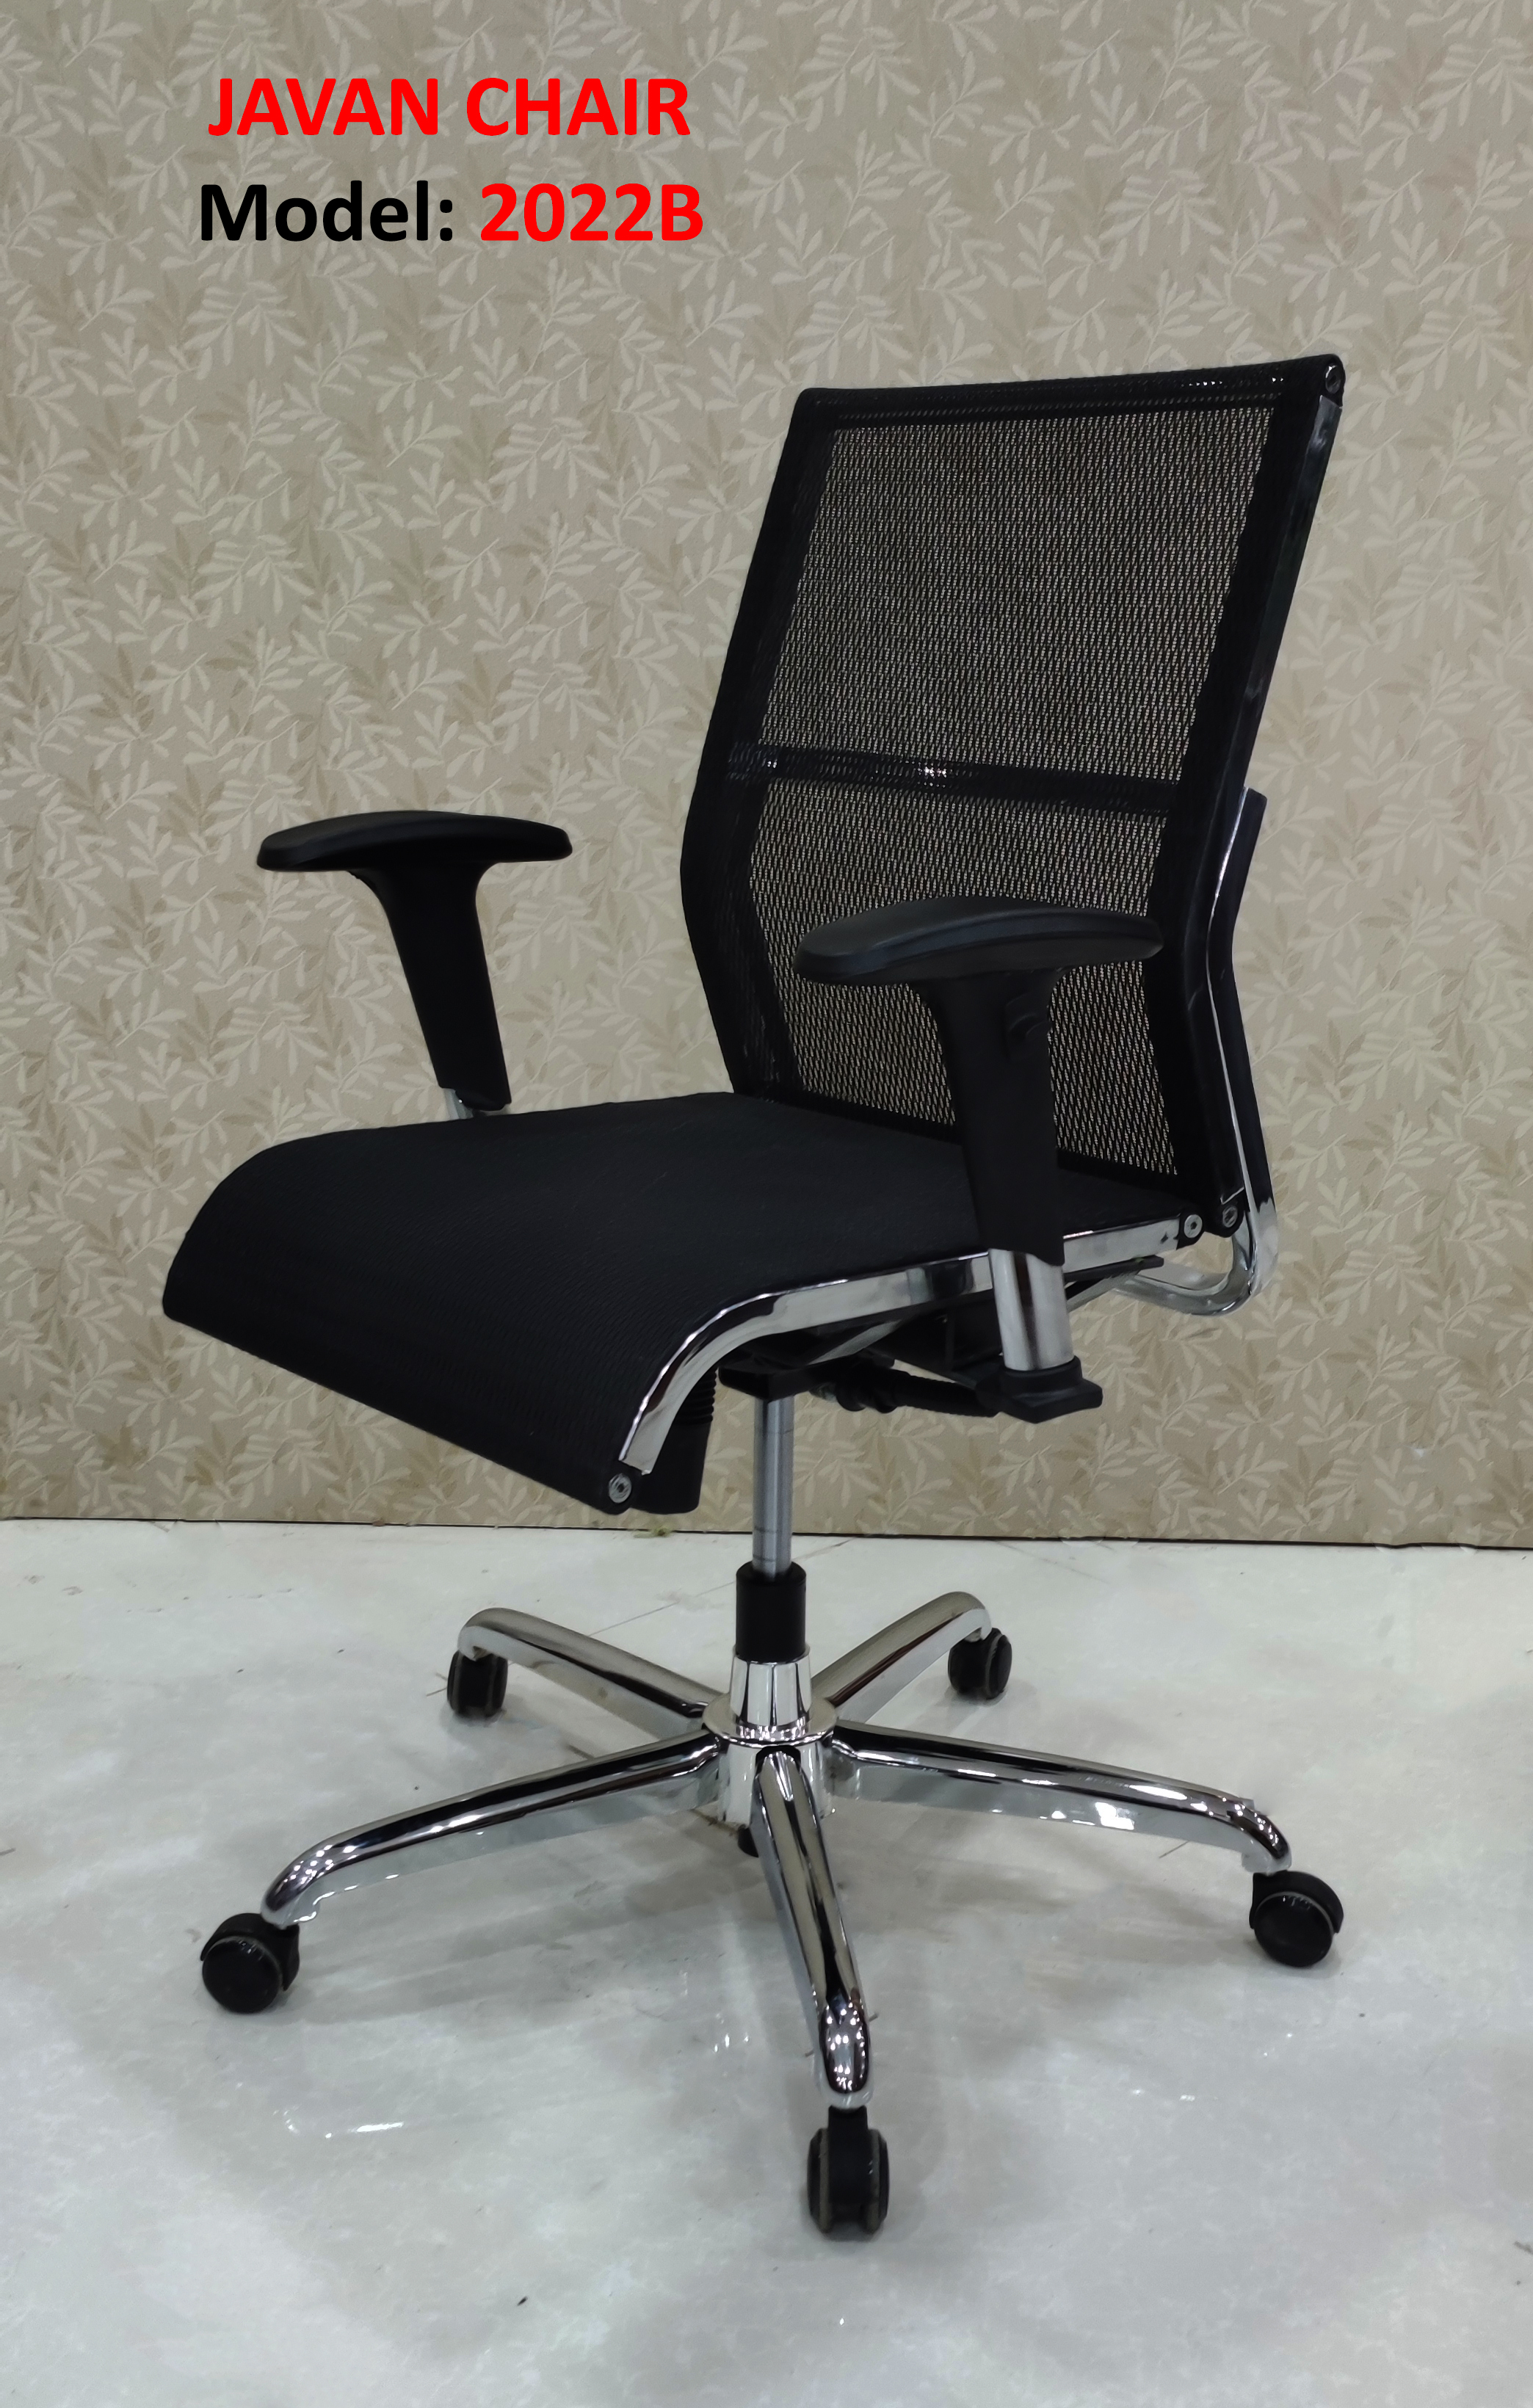 صندلی اداری  کارمندی و کارشناسی جوان مدل J2022B